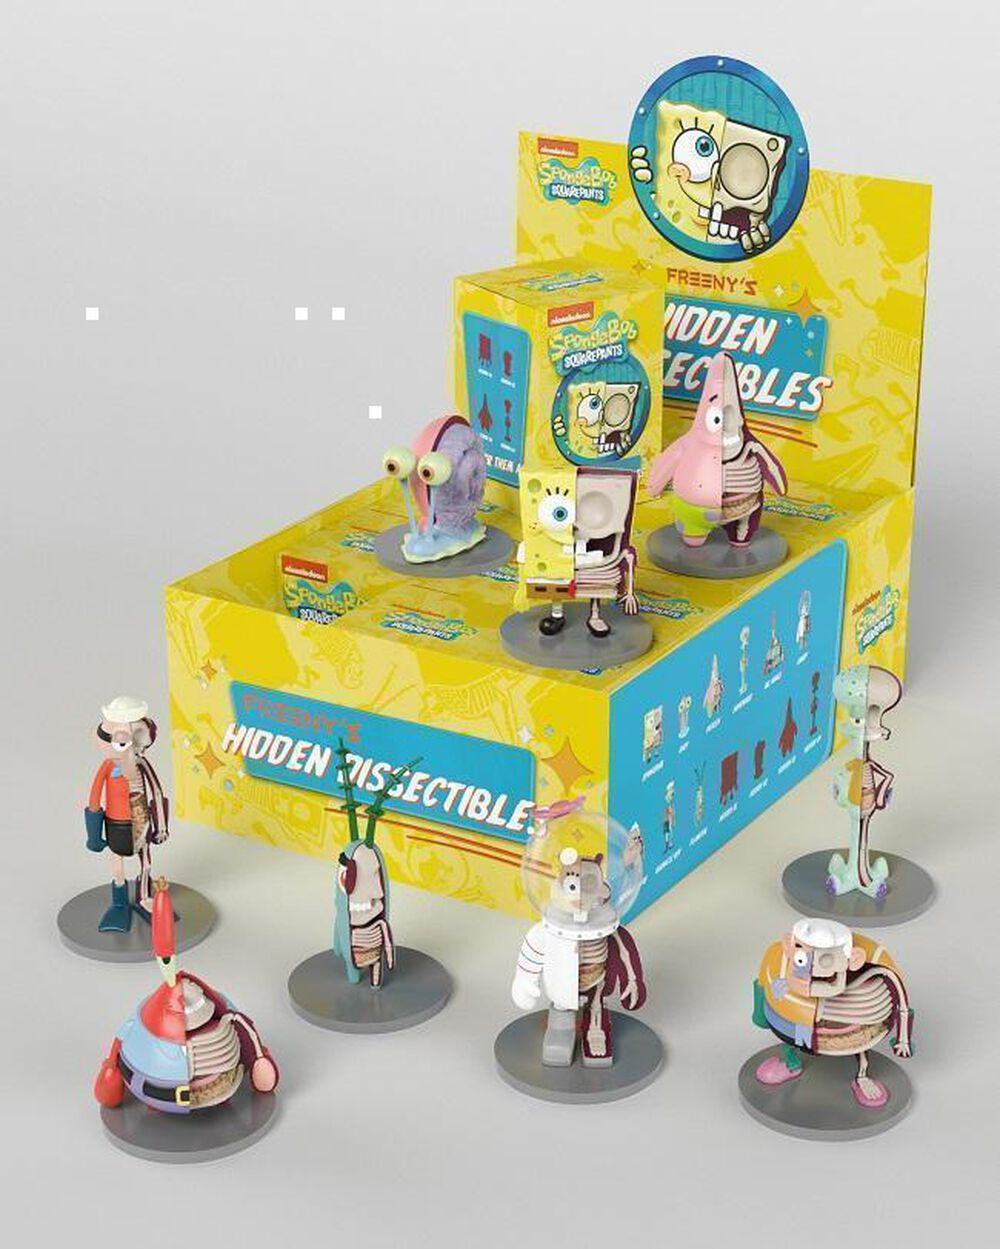 XXRAY SpongeBob SquarePants Hidden Dissectibles Blind Box | FYE